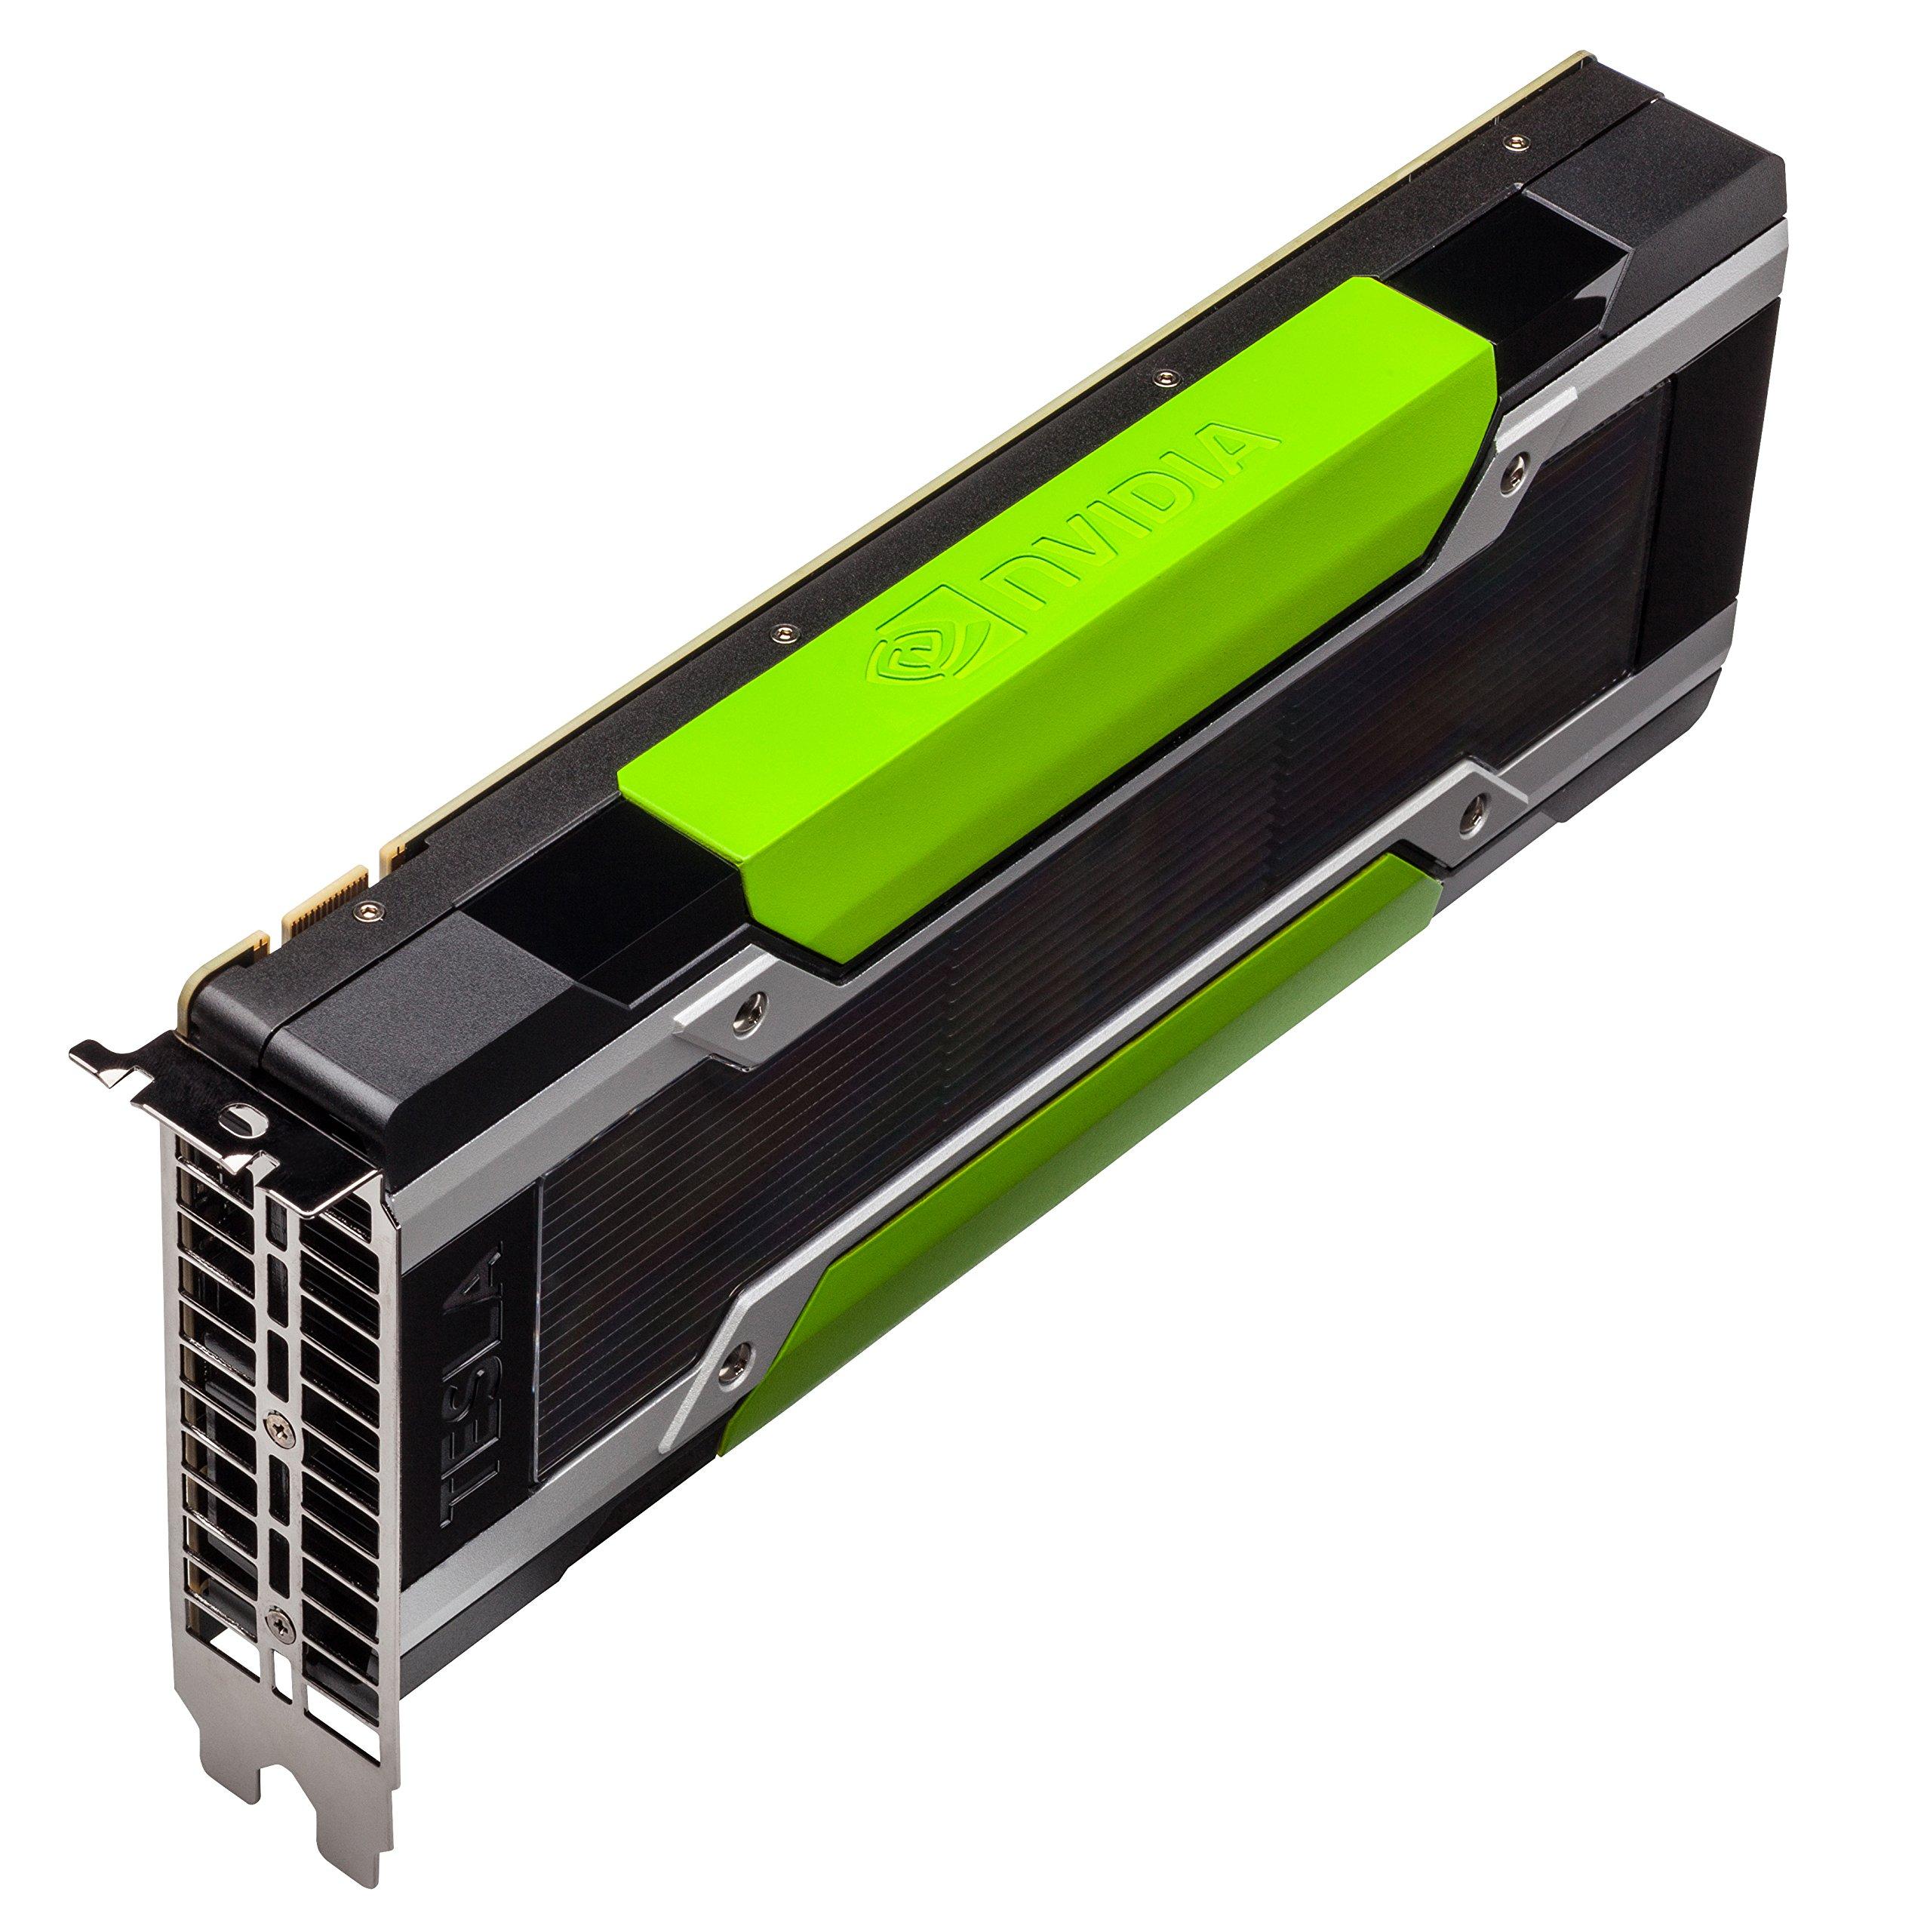 HP J0G95A NVIDIA Tesla K80 - GPU computing processor - 2 GPUs - Tesla K80 - 24 GB GDDR5 - PCI Express 3.0 x16 - fanless by HP